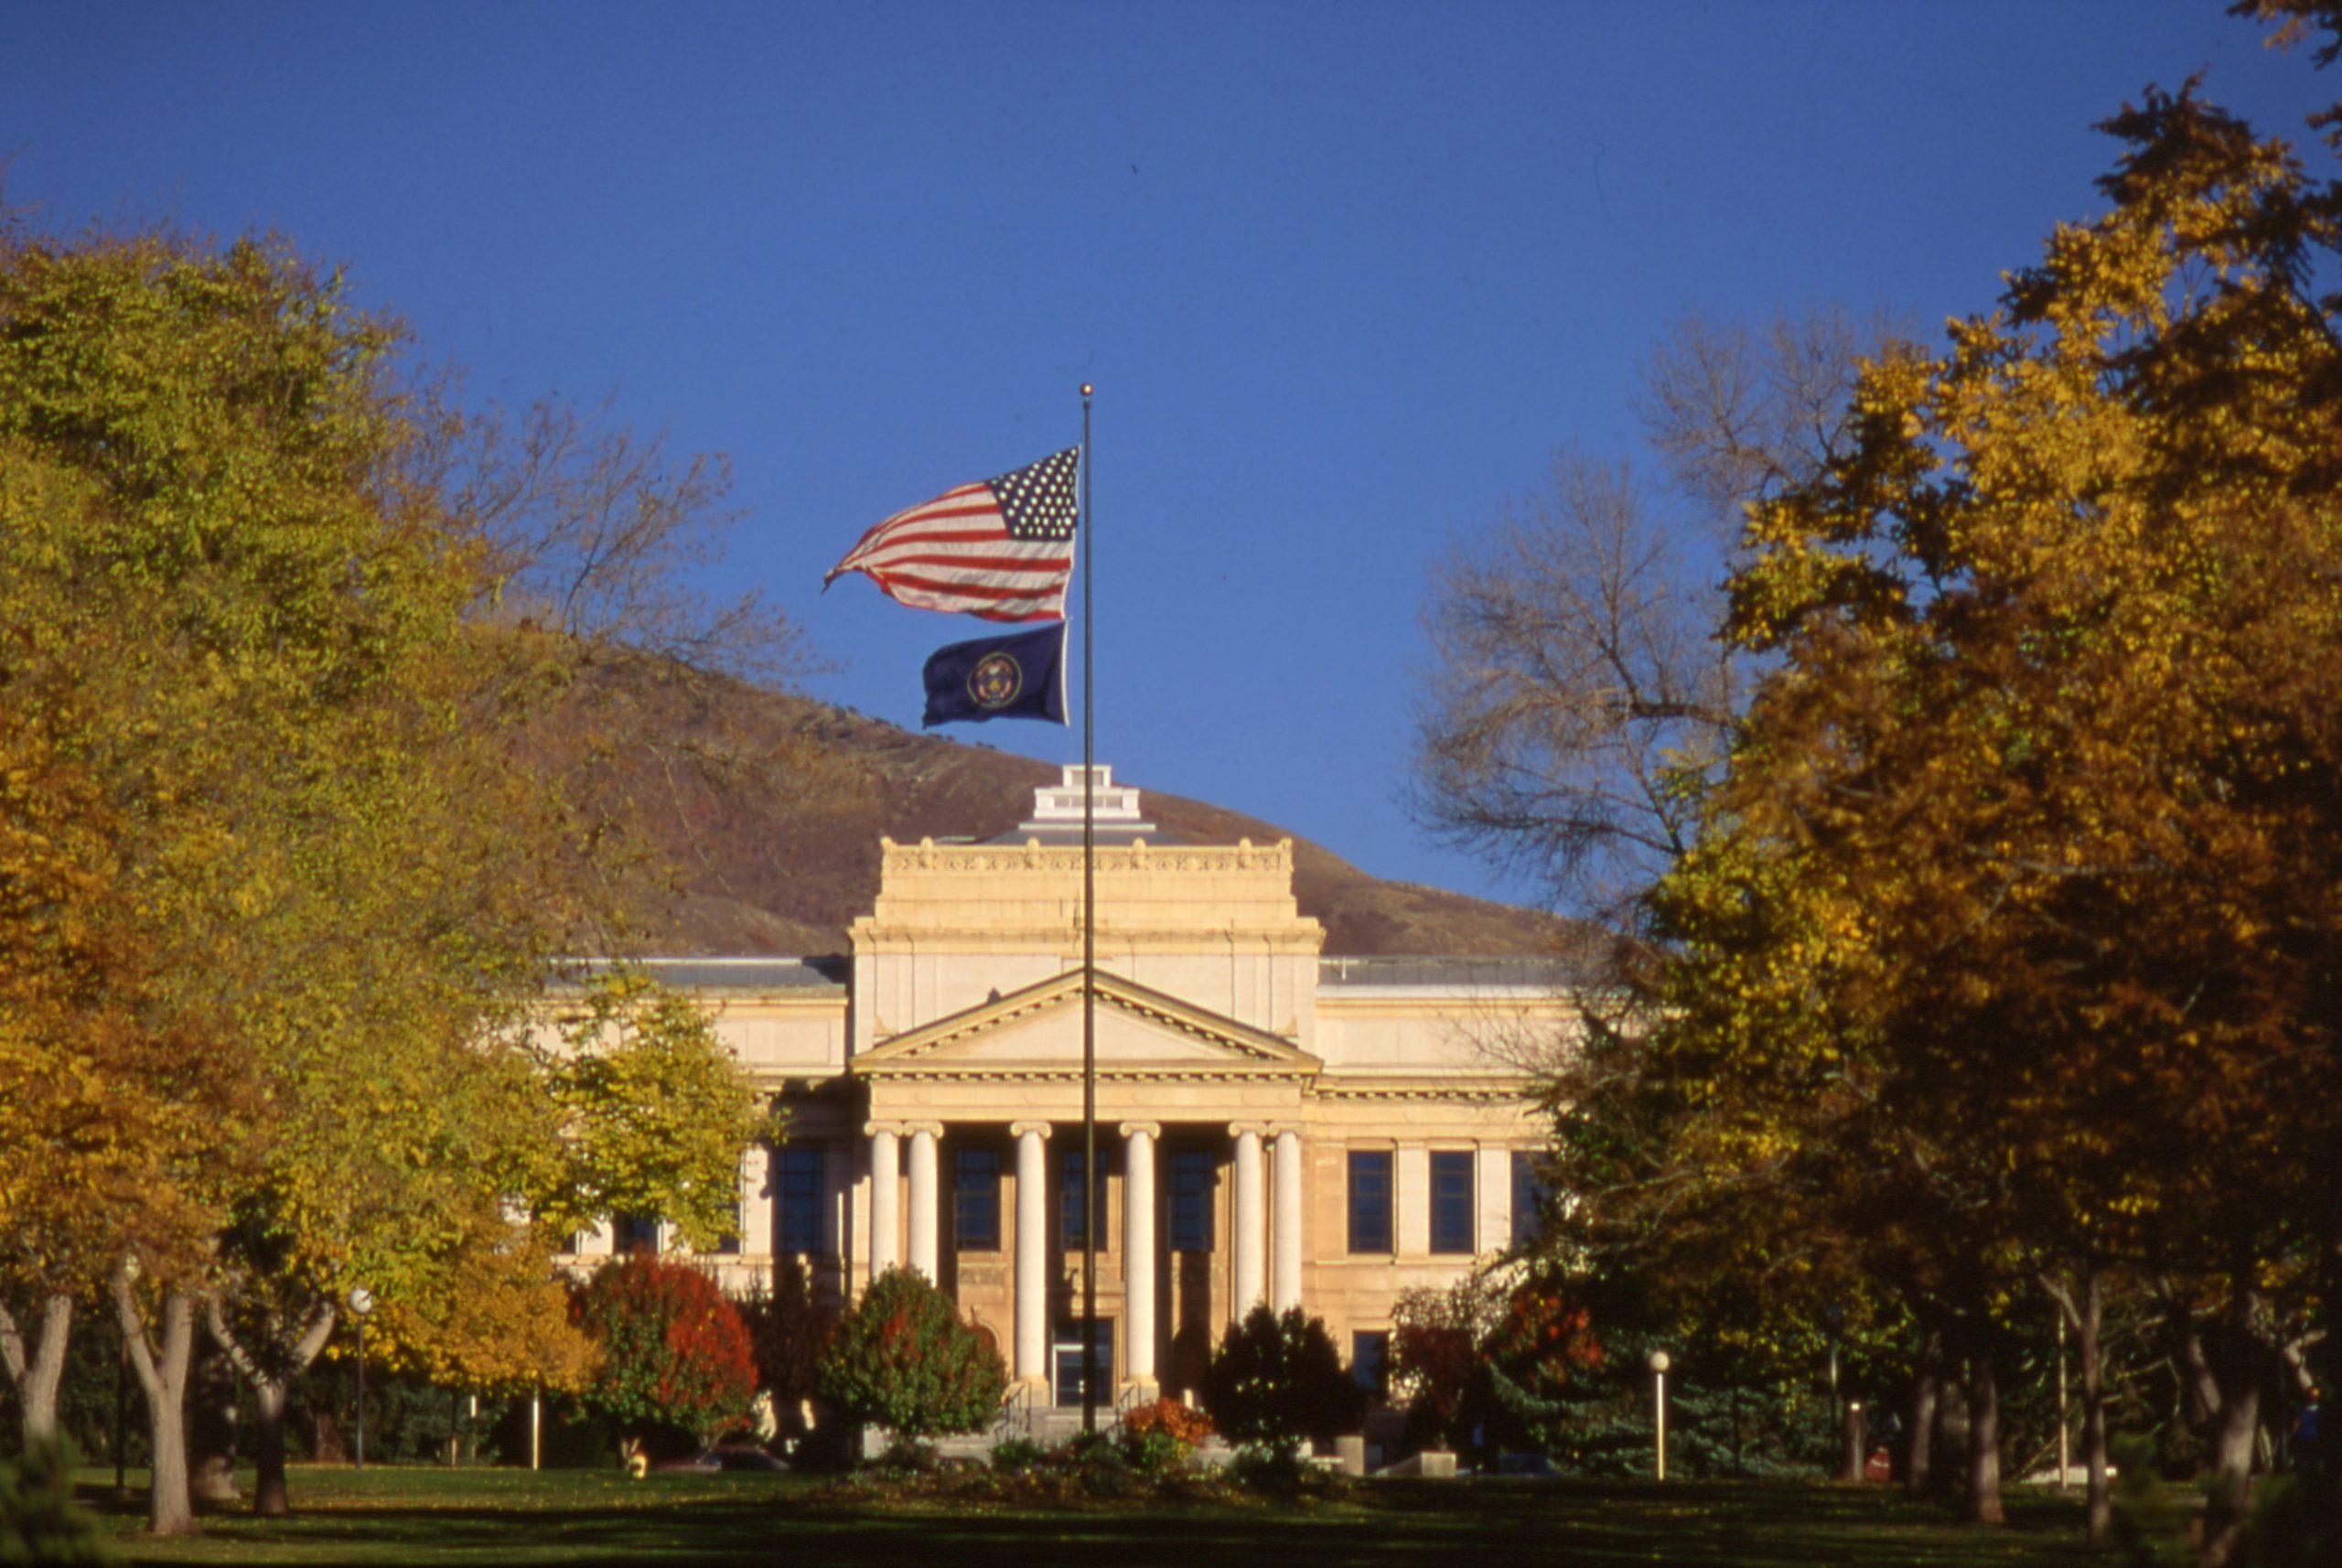 John R. Park building at the University of Utah